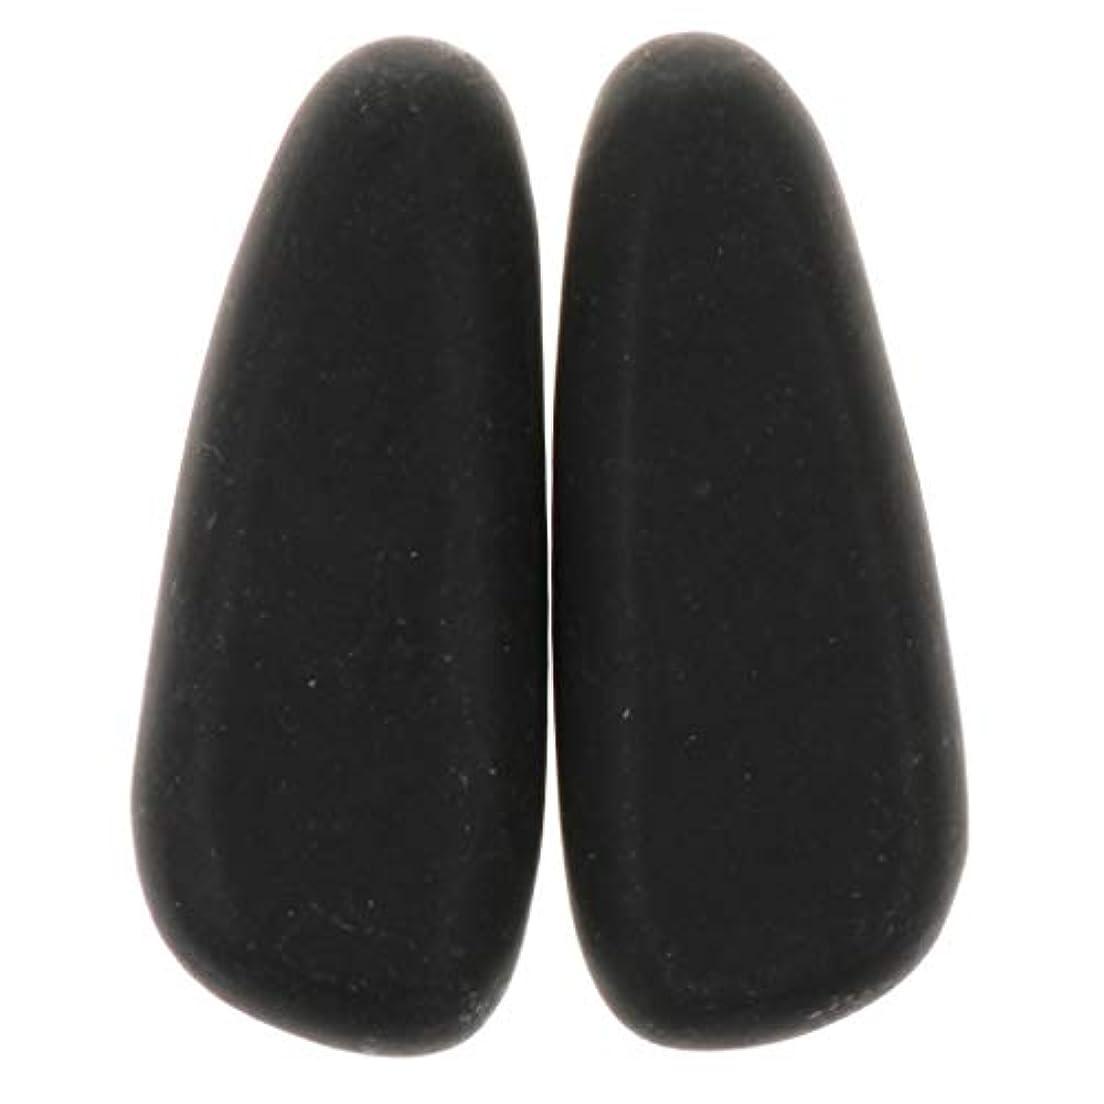 ハググッゲンハイム美術館羽マッサージストーン 天然石ホットストーン マッサージ用玄武岩 SPA ツボ押しグッズ 2個 全2サイズ - 8×3.2×2cm